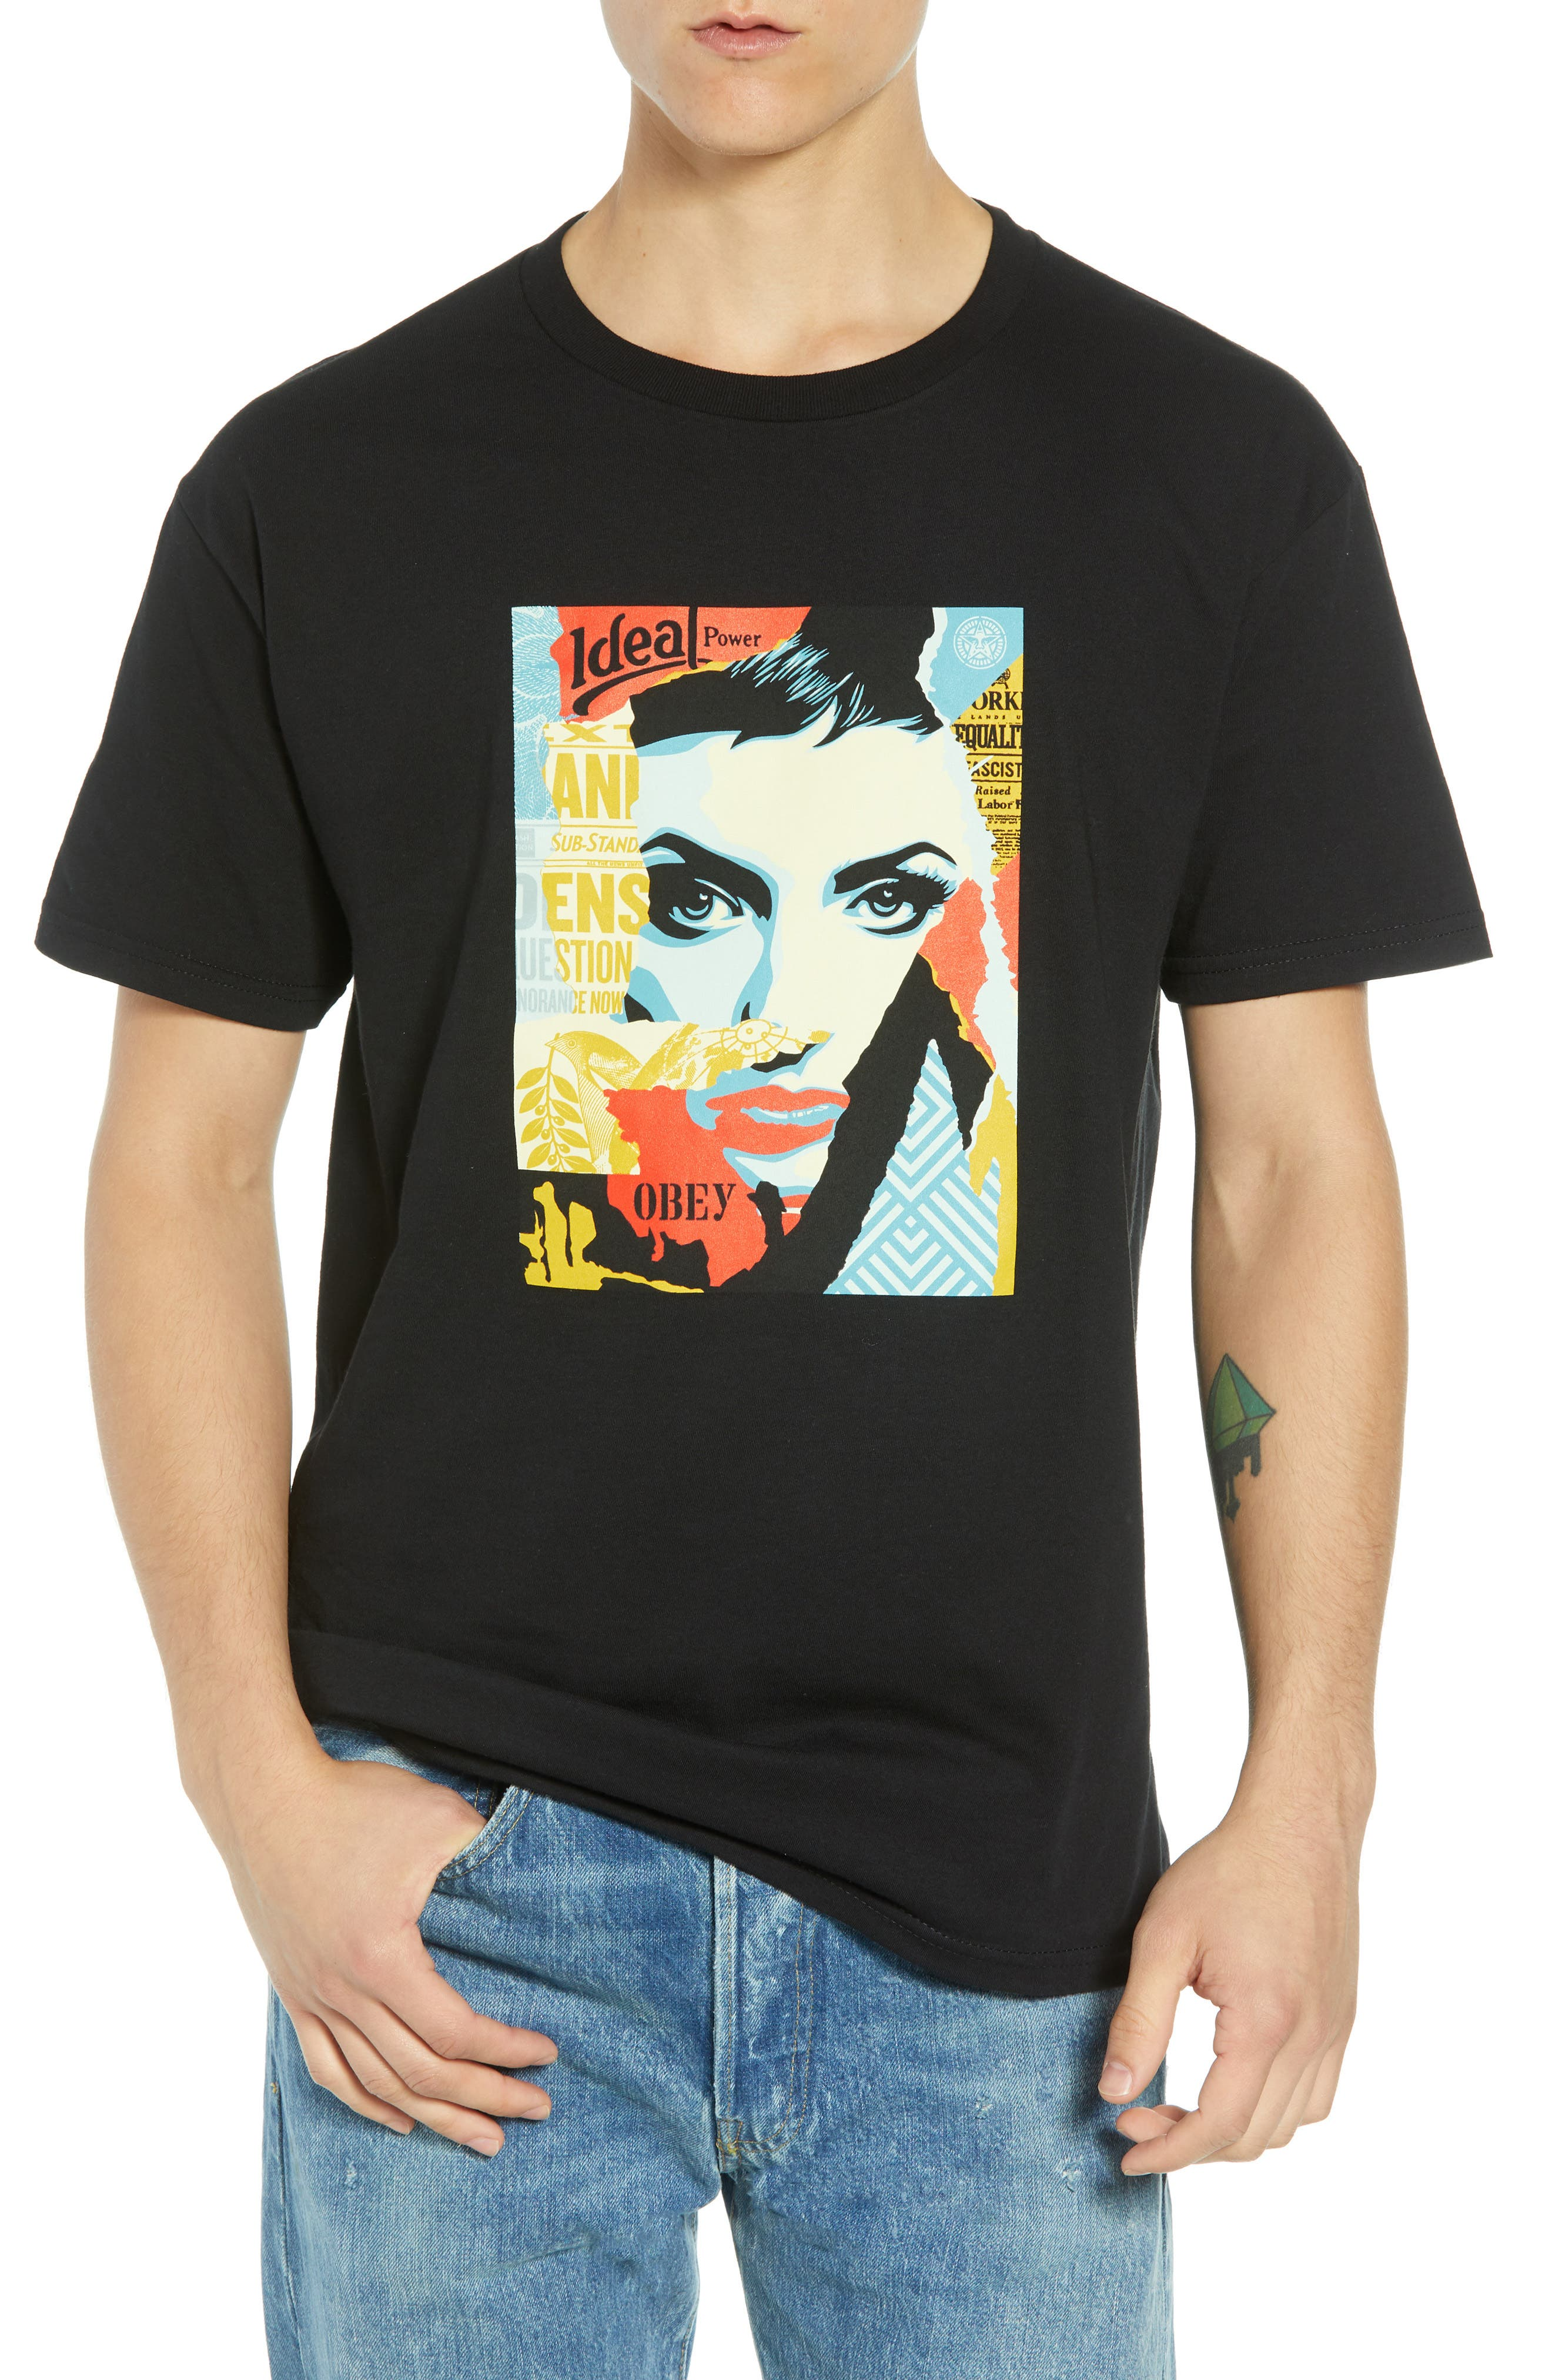 Ideal Power Premium T-Shirt,                         Main,                         color, BLACK